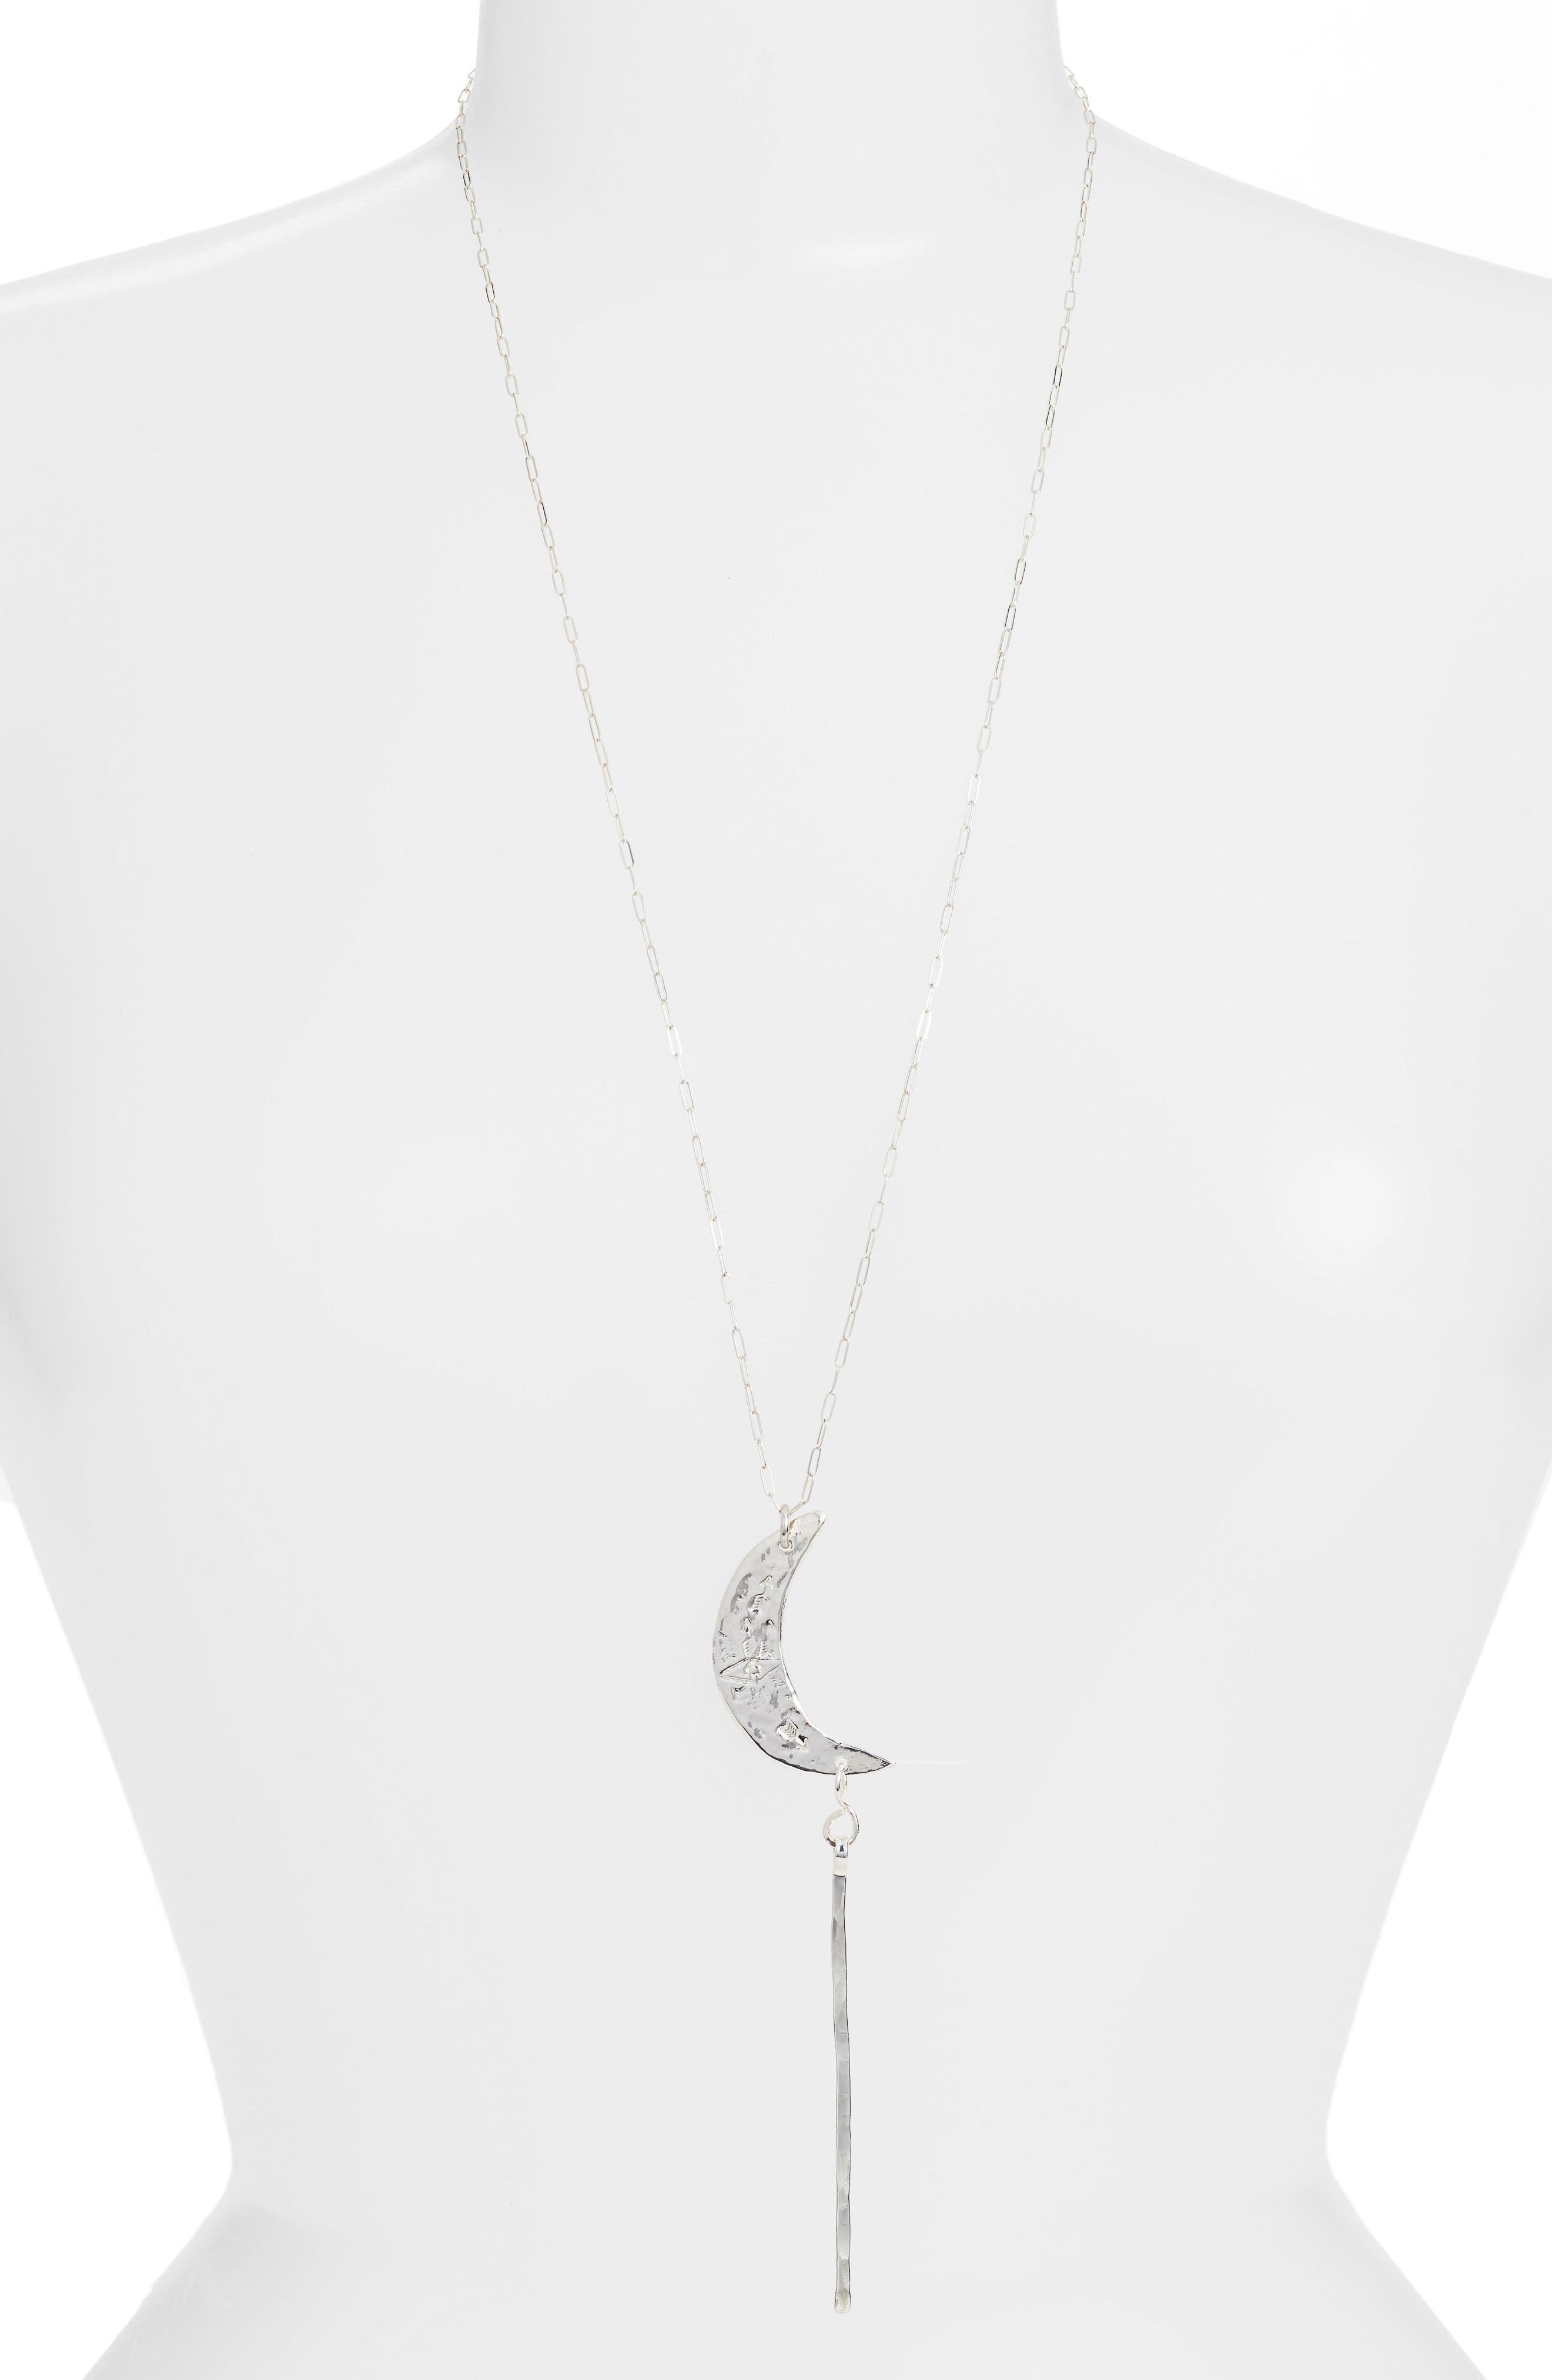 Crescent Moon Pendant Necklace,                             Main thumbnail 1, color,                             040